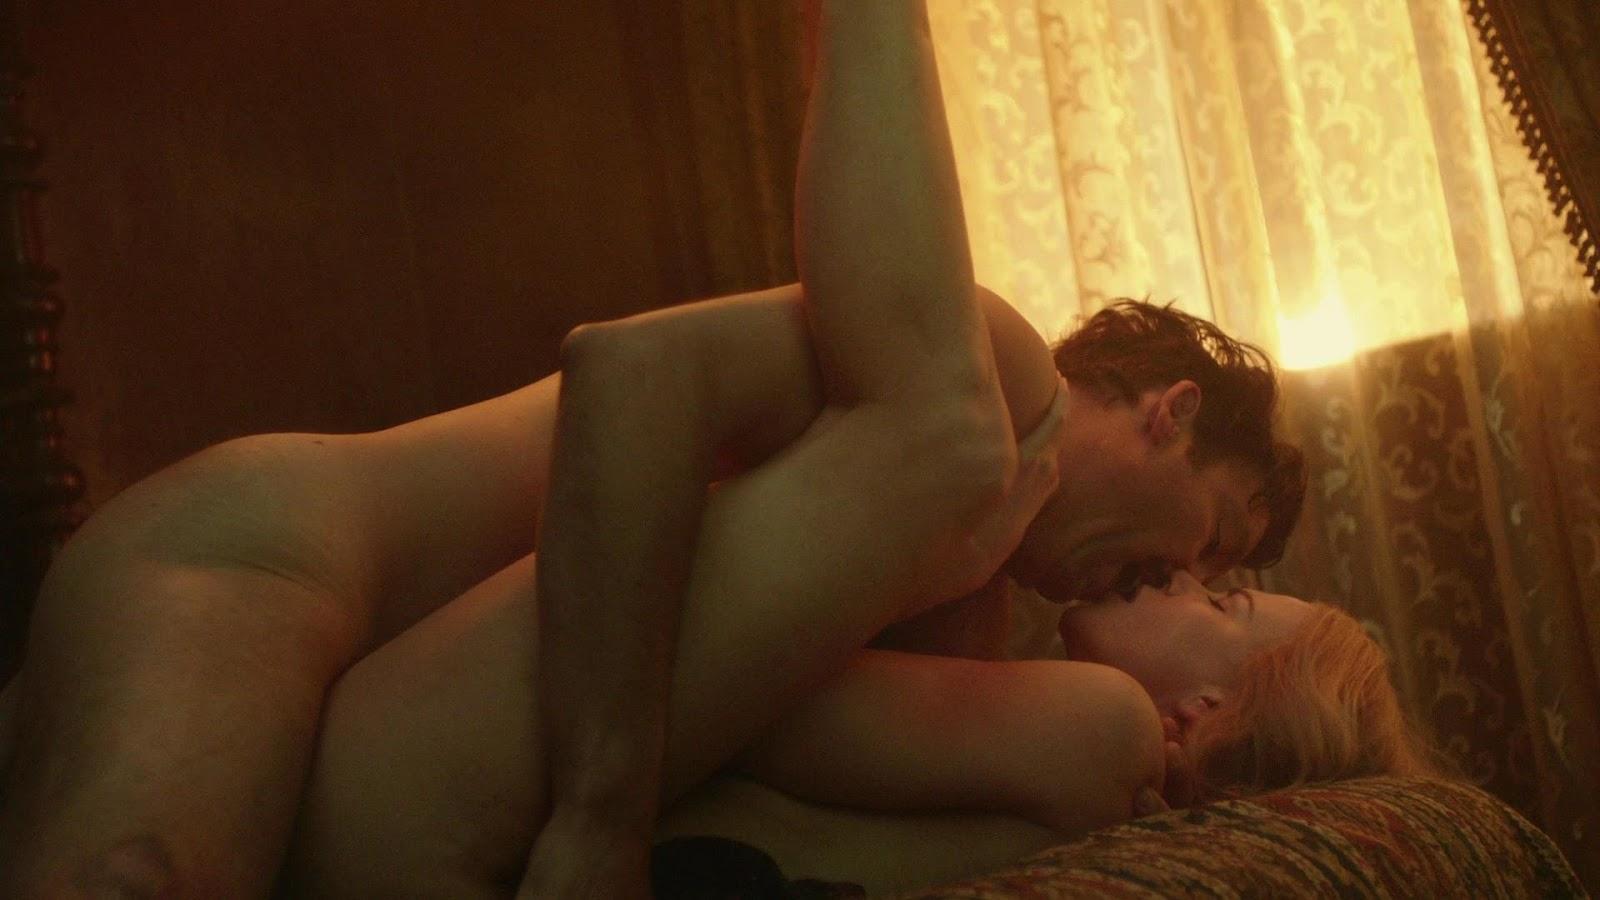 Смотреть онлайн бесплатно секс с кидман 3 фотография